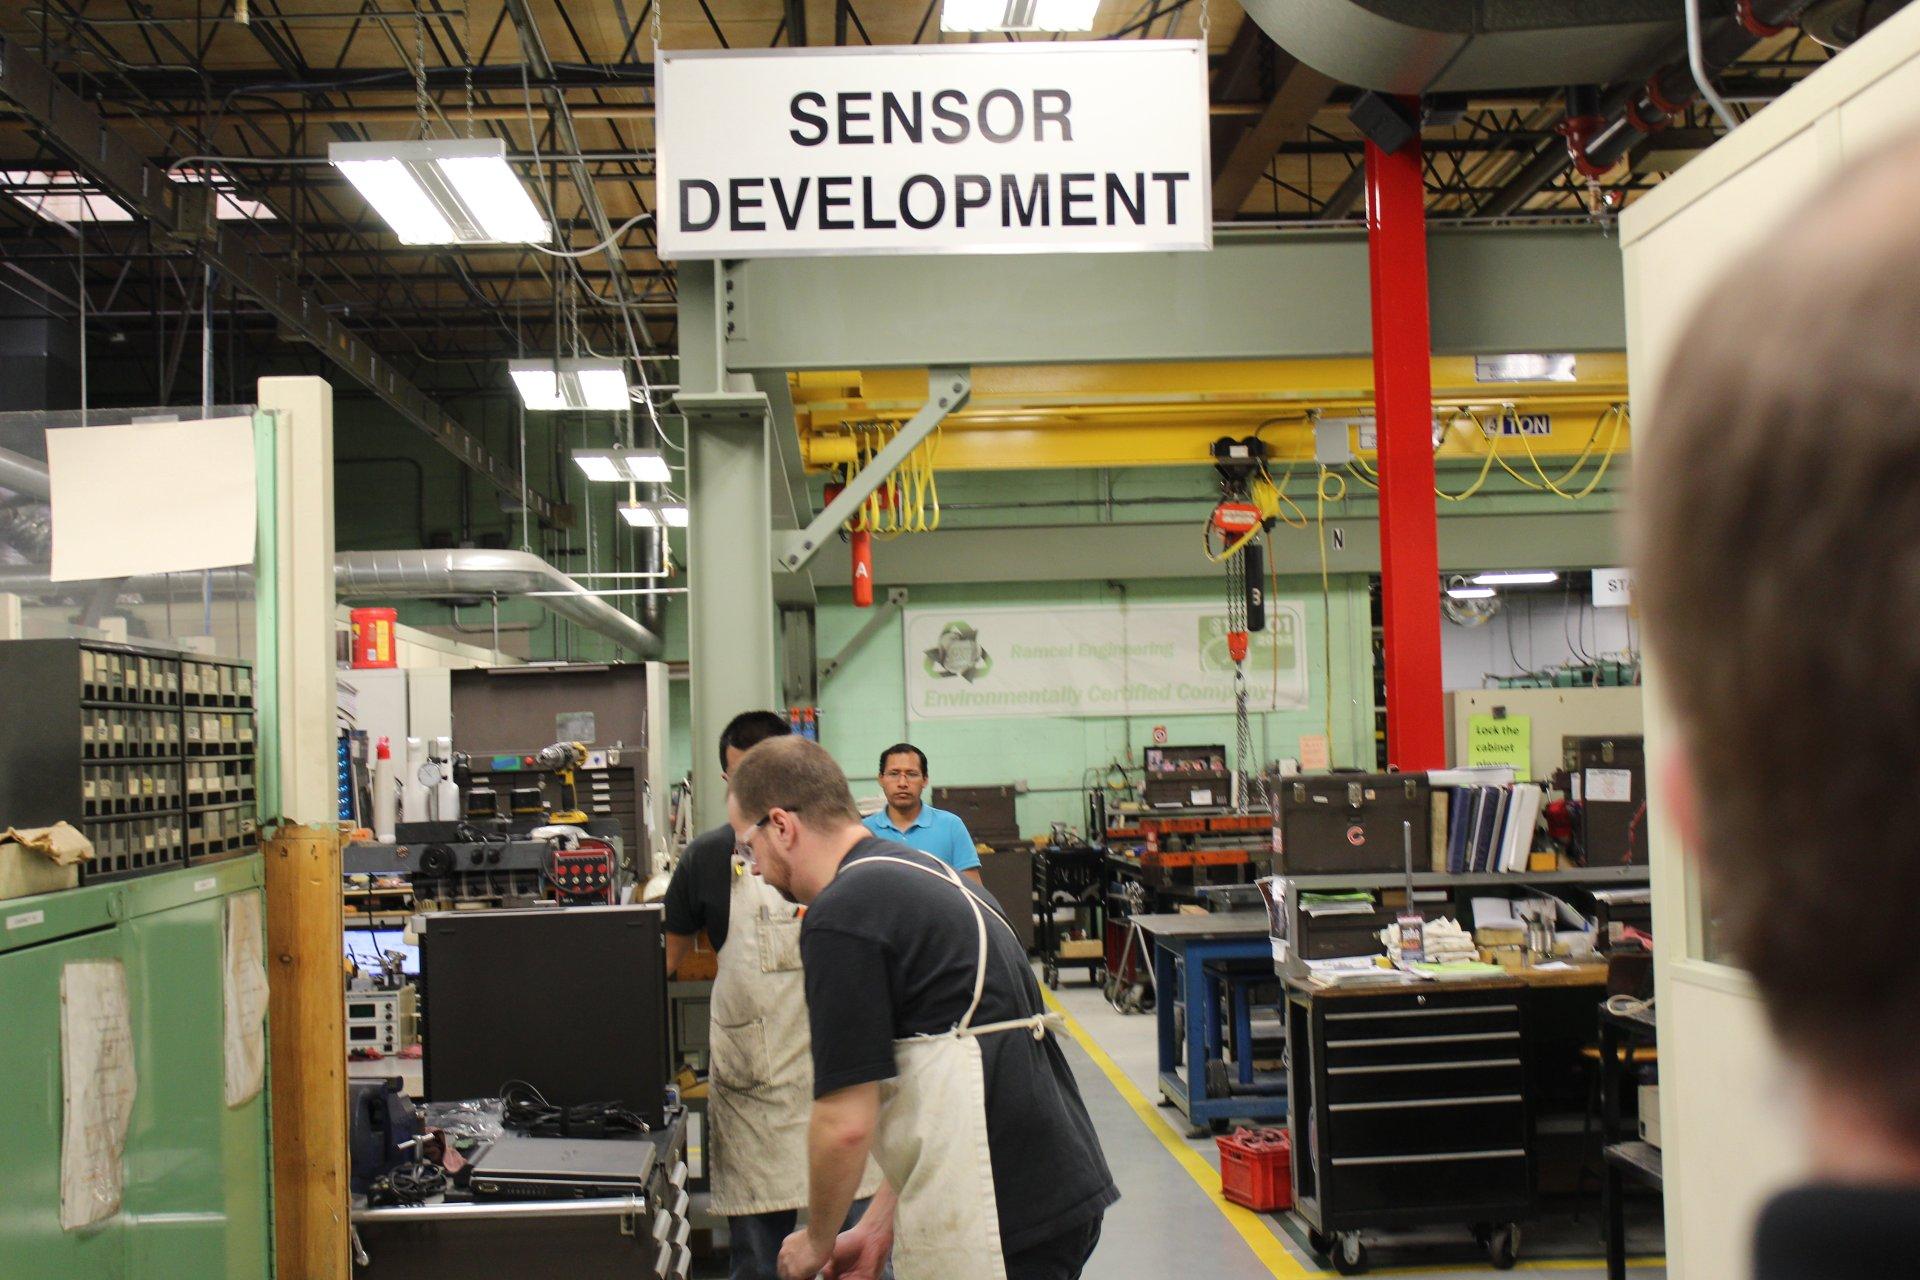 Photo of Ramcel engineers working on die sensors